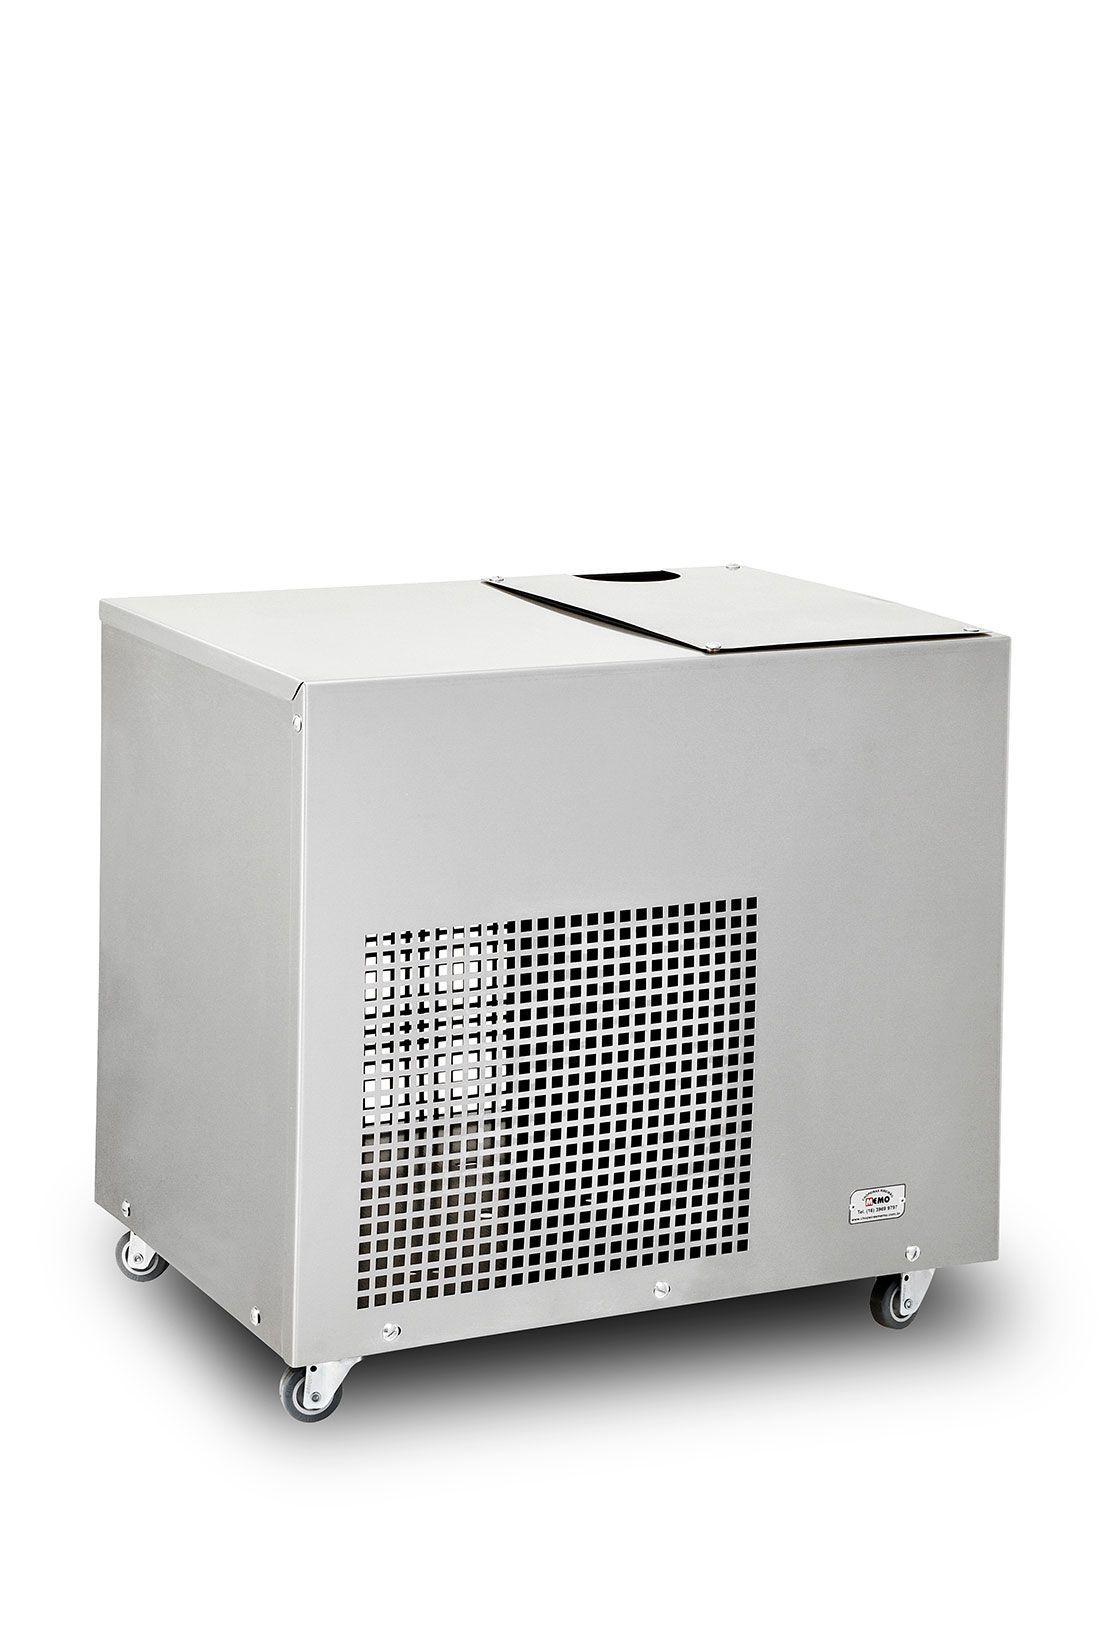 Torre Naja Plus Congelada Memo com pré-resfriador Advantage Híbrido - 1Torneiras Italianas